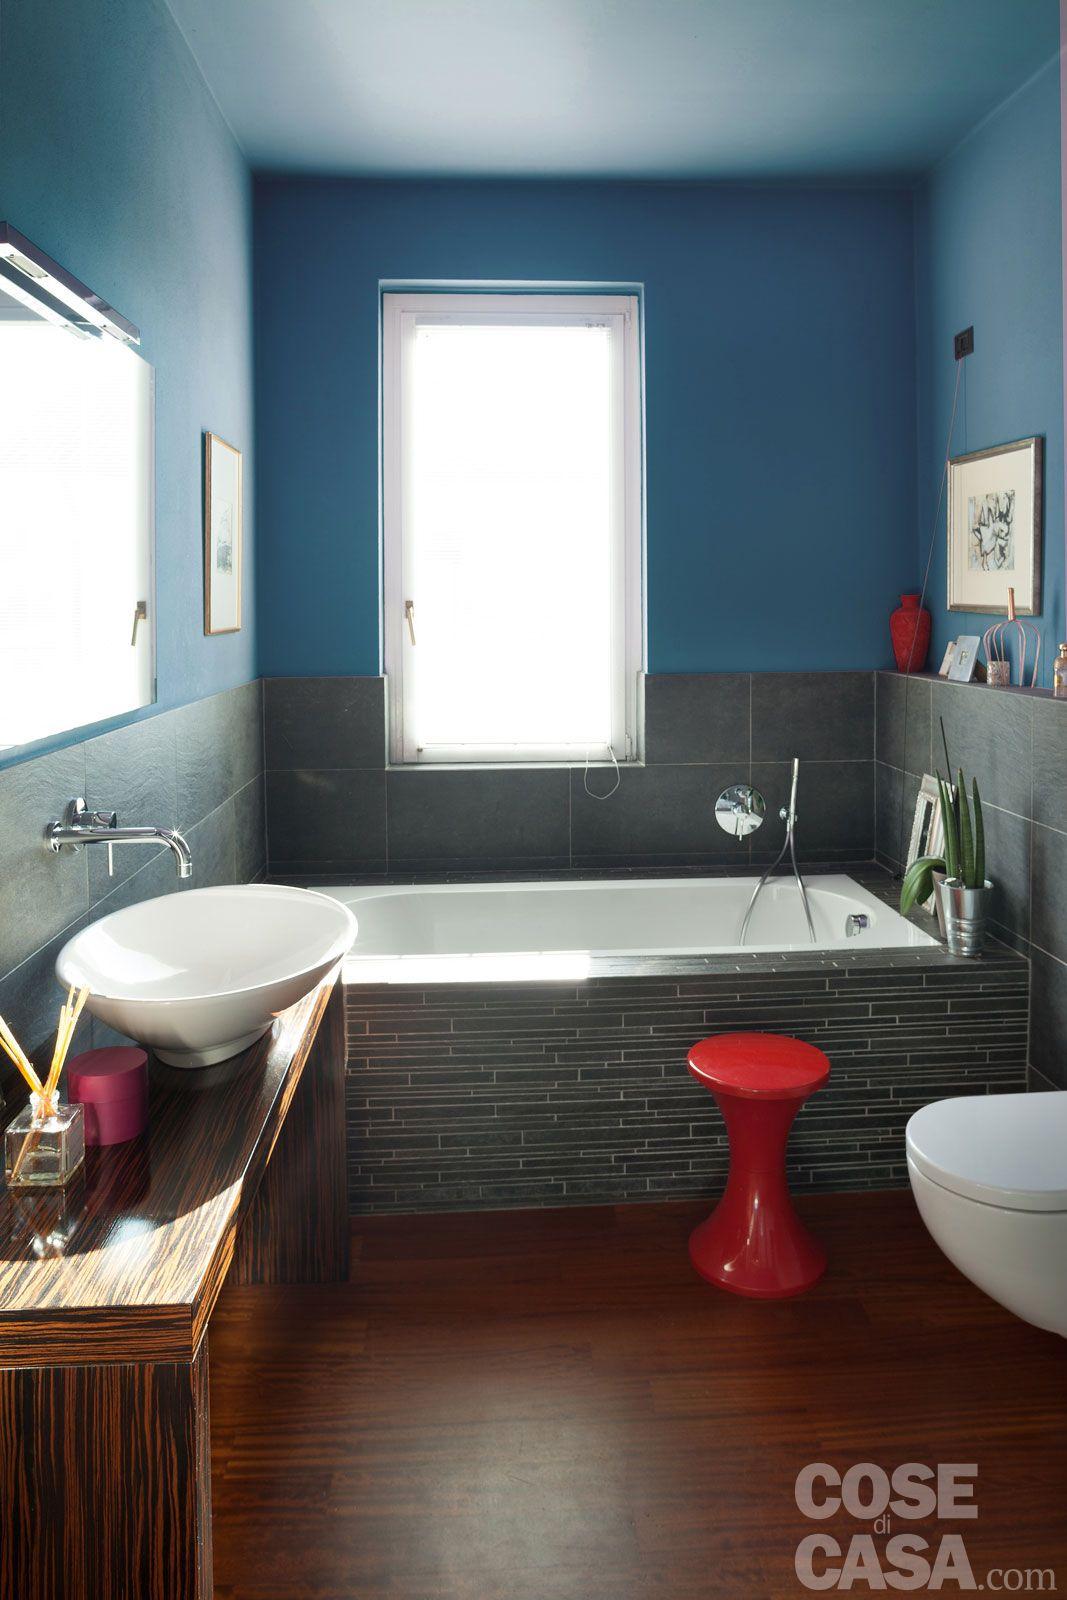 Una casa che punta sui contrasti e sul design bagni pinterest ideias e r stico - Ricci casa bagni ...